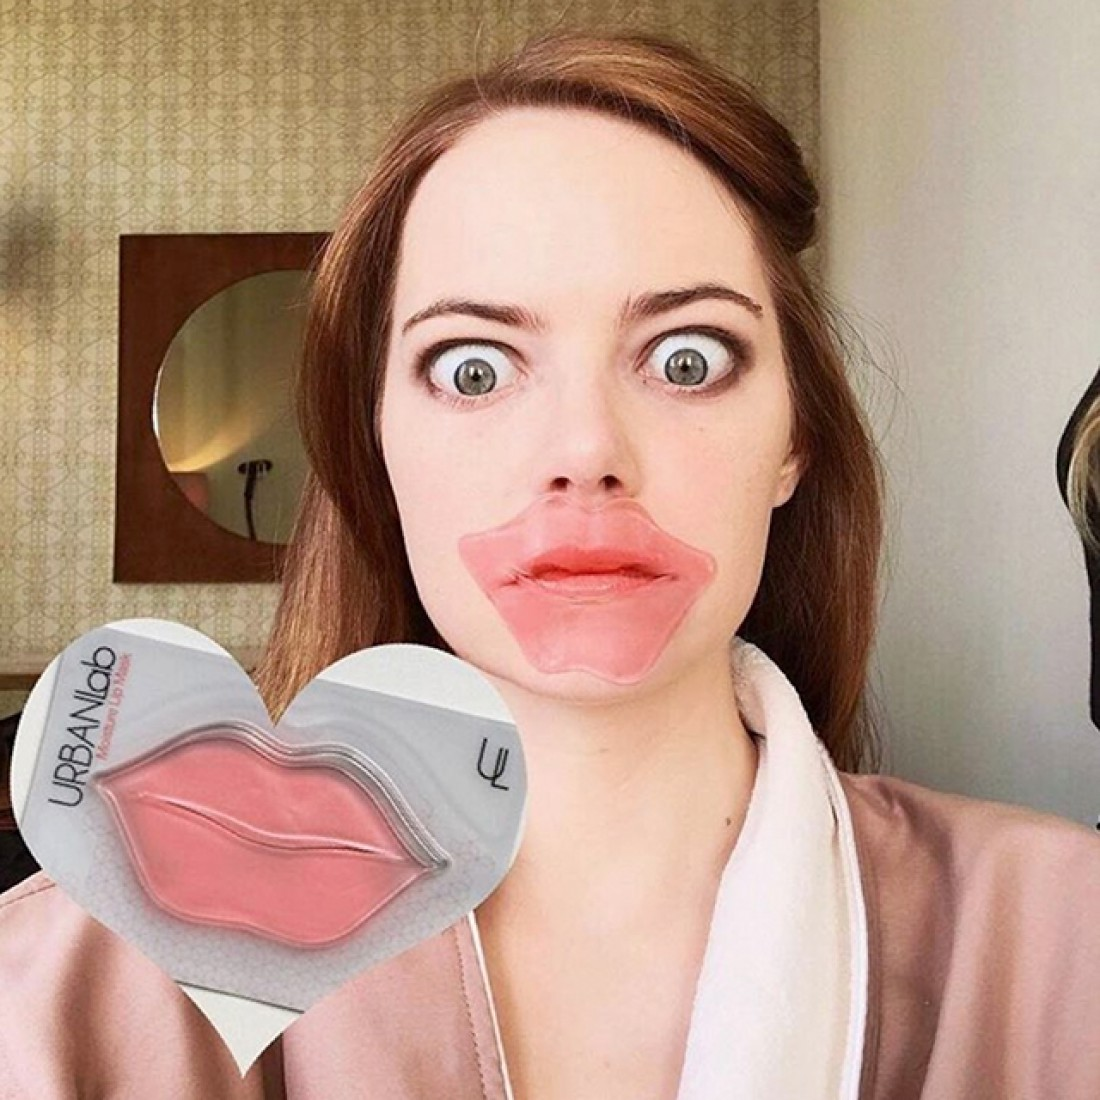 Пухлые губы – тренд, который появился благодаря Анджелине Джоли